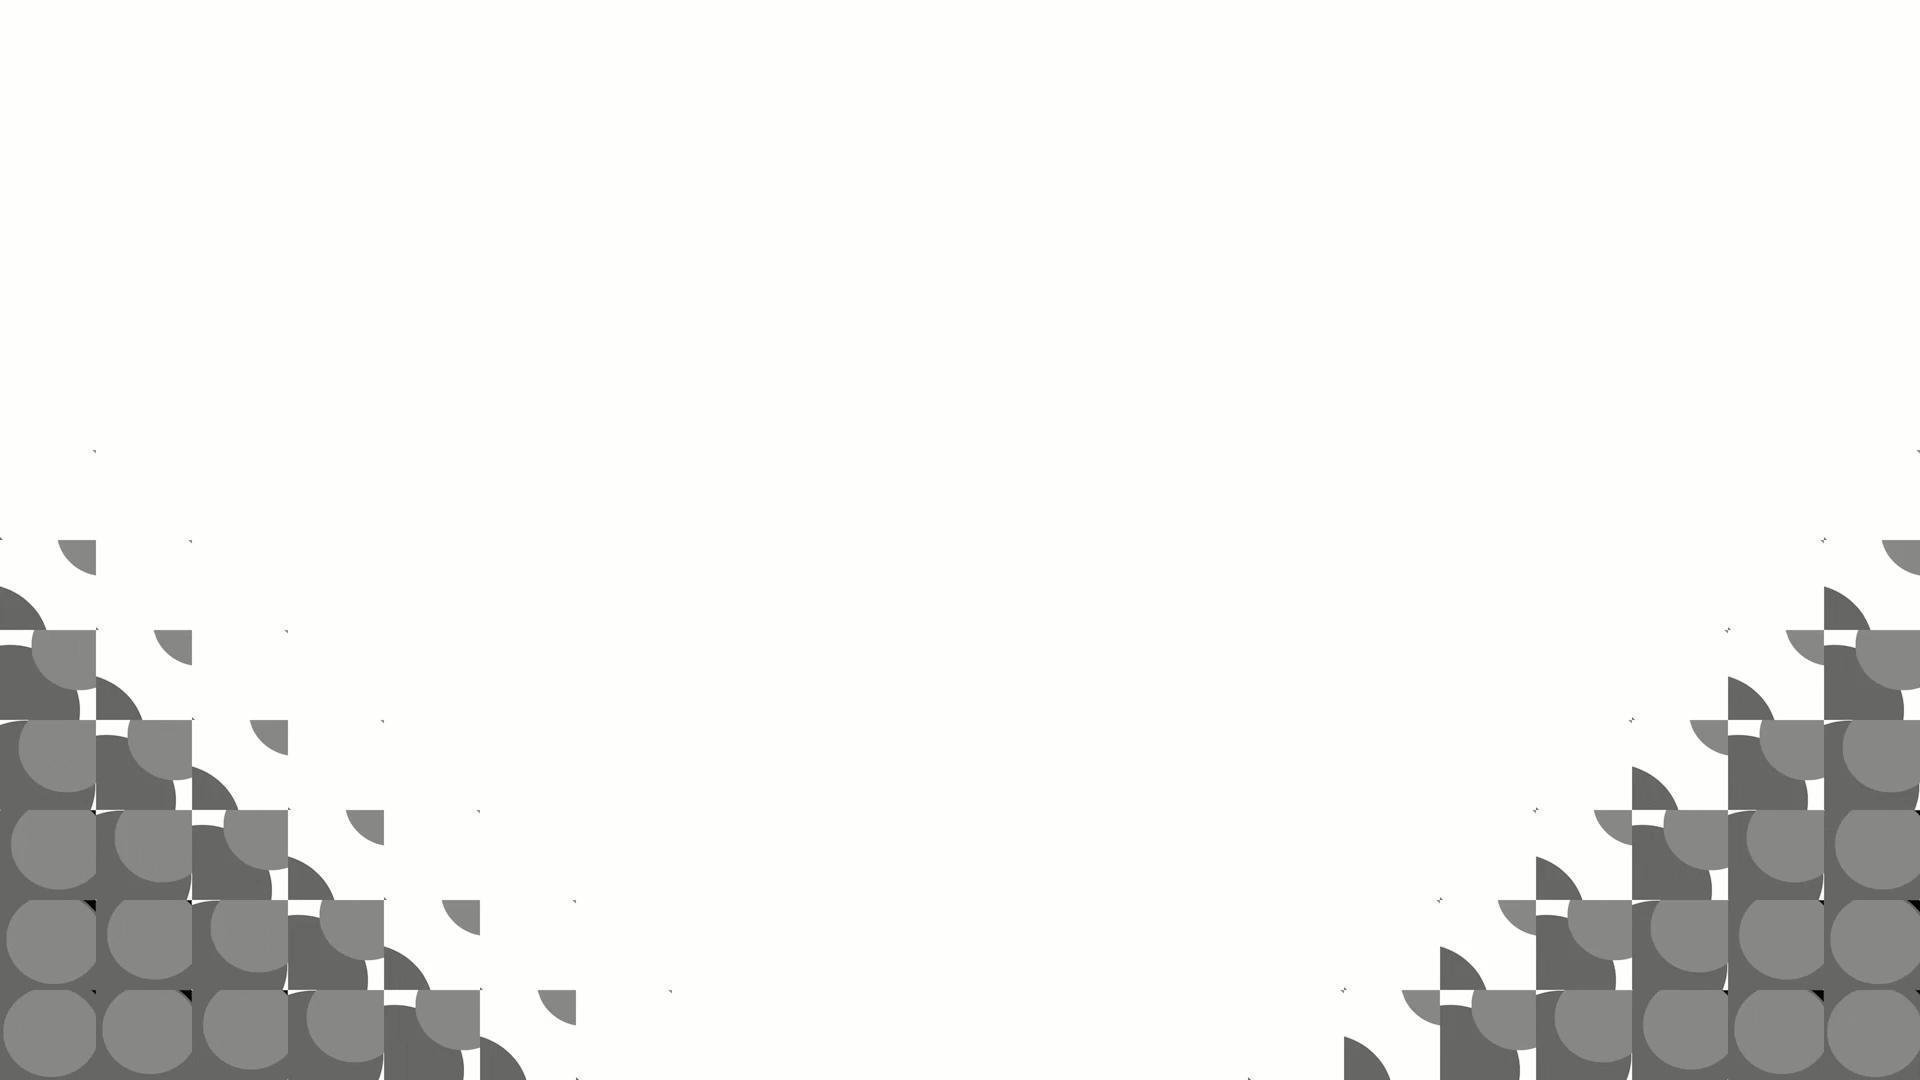 几何圆过渡素材4